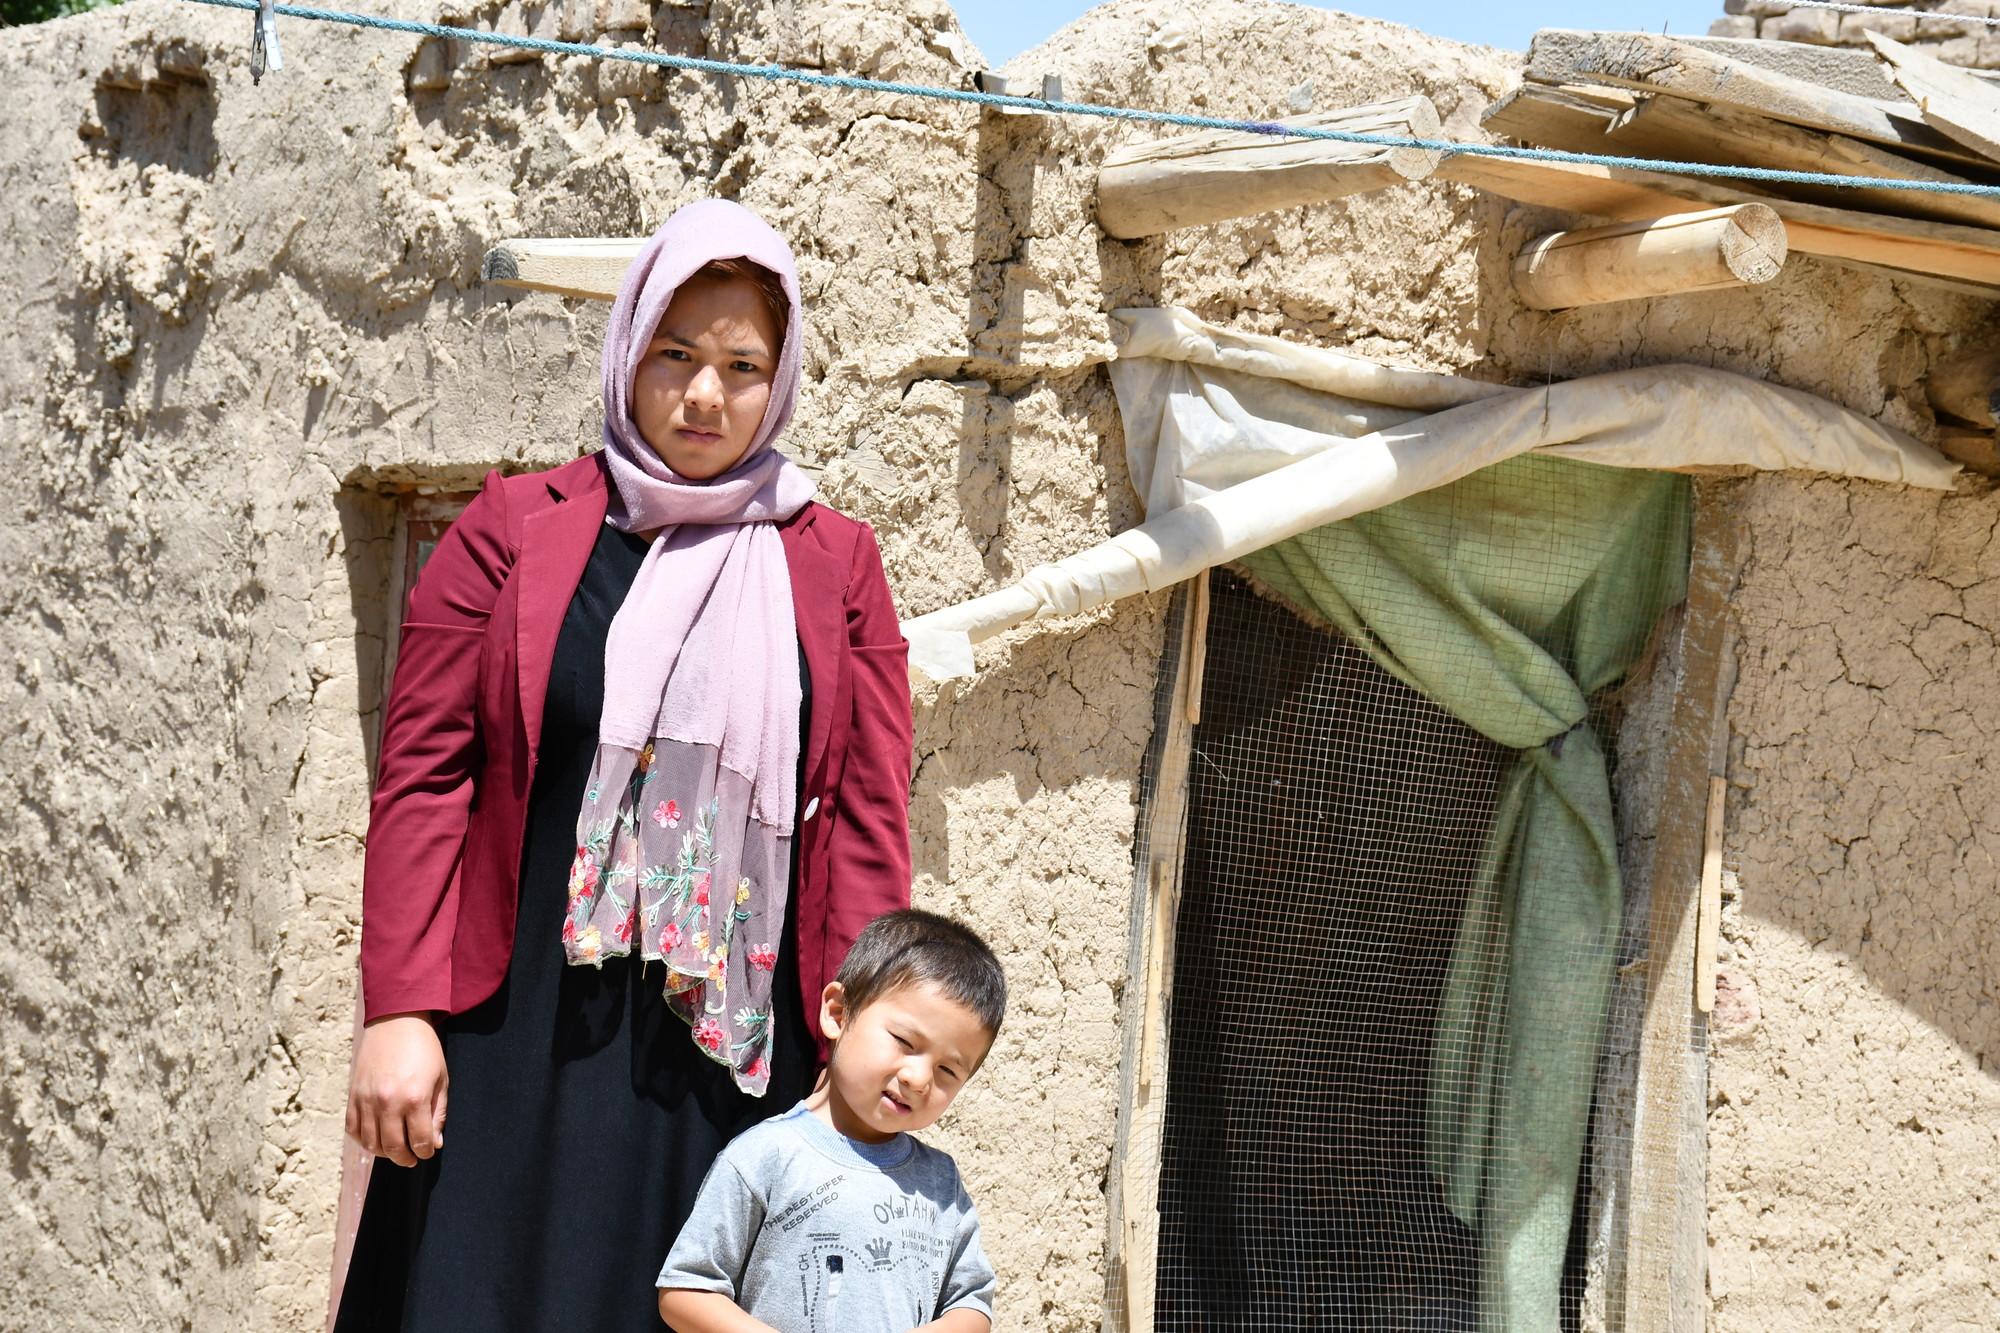 Uma mulher e um menino estão do lado de fora de uma casa de barro e madeira.